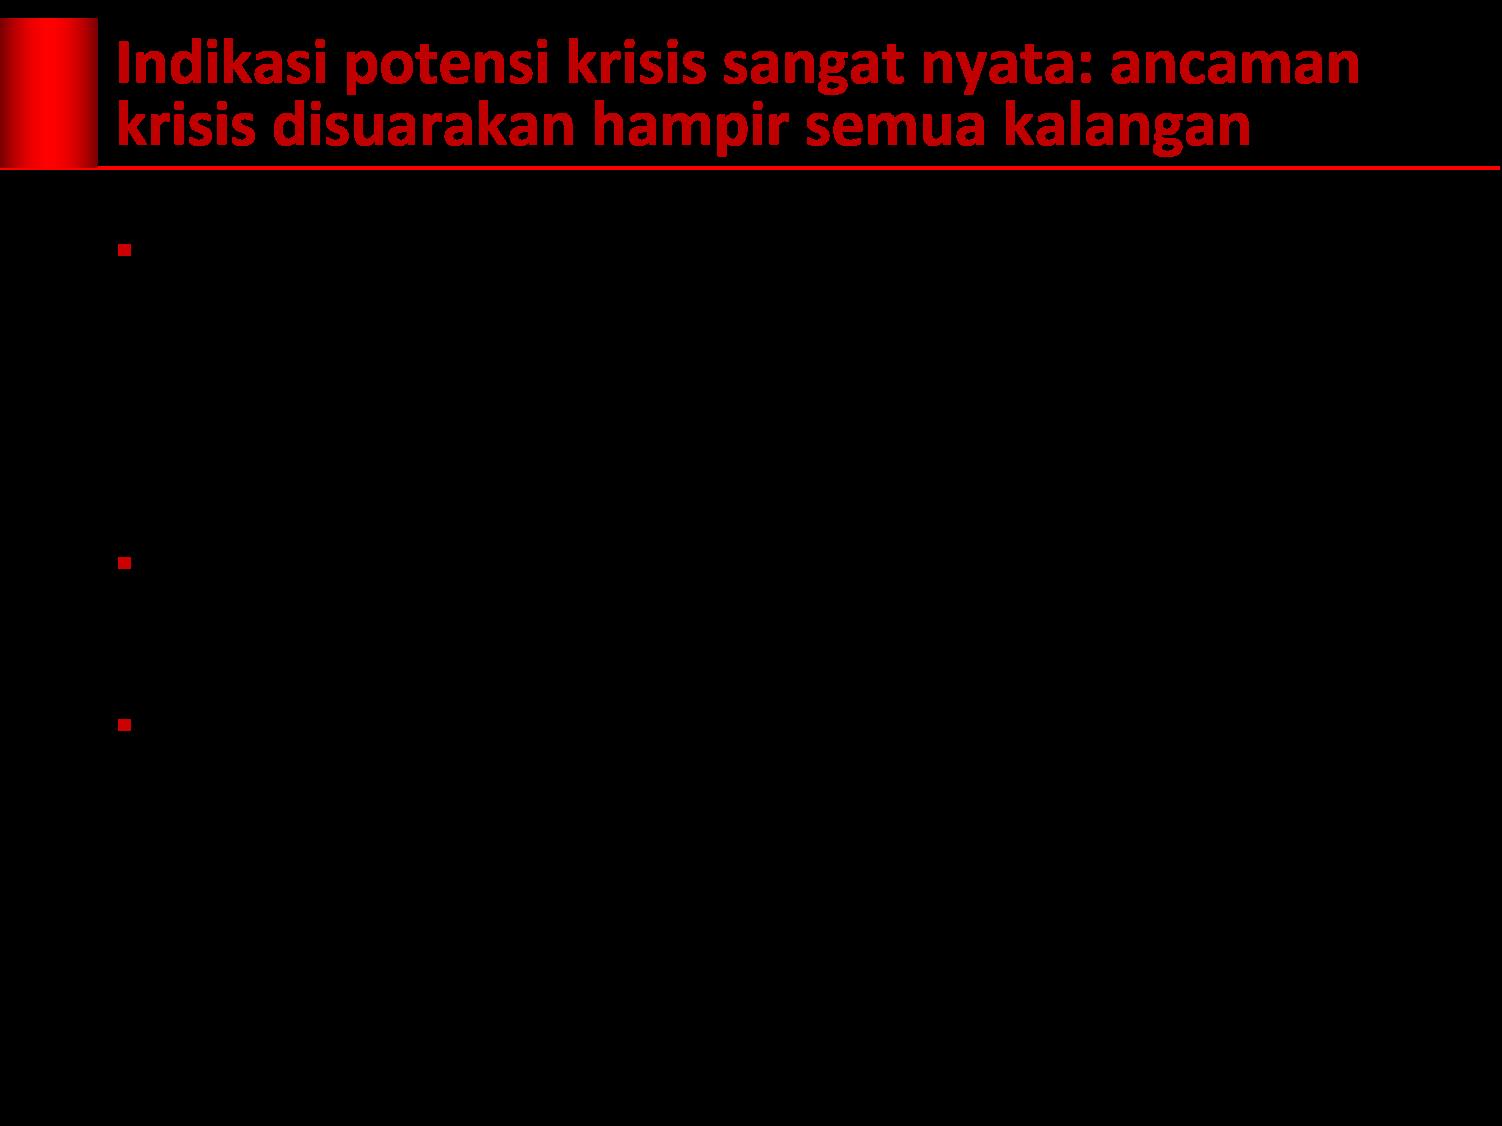 tipikor-21